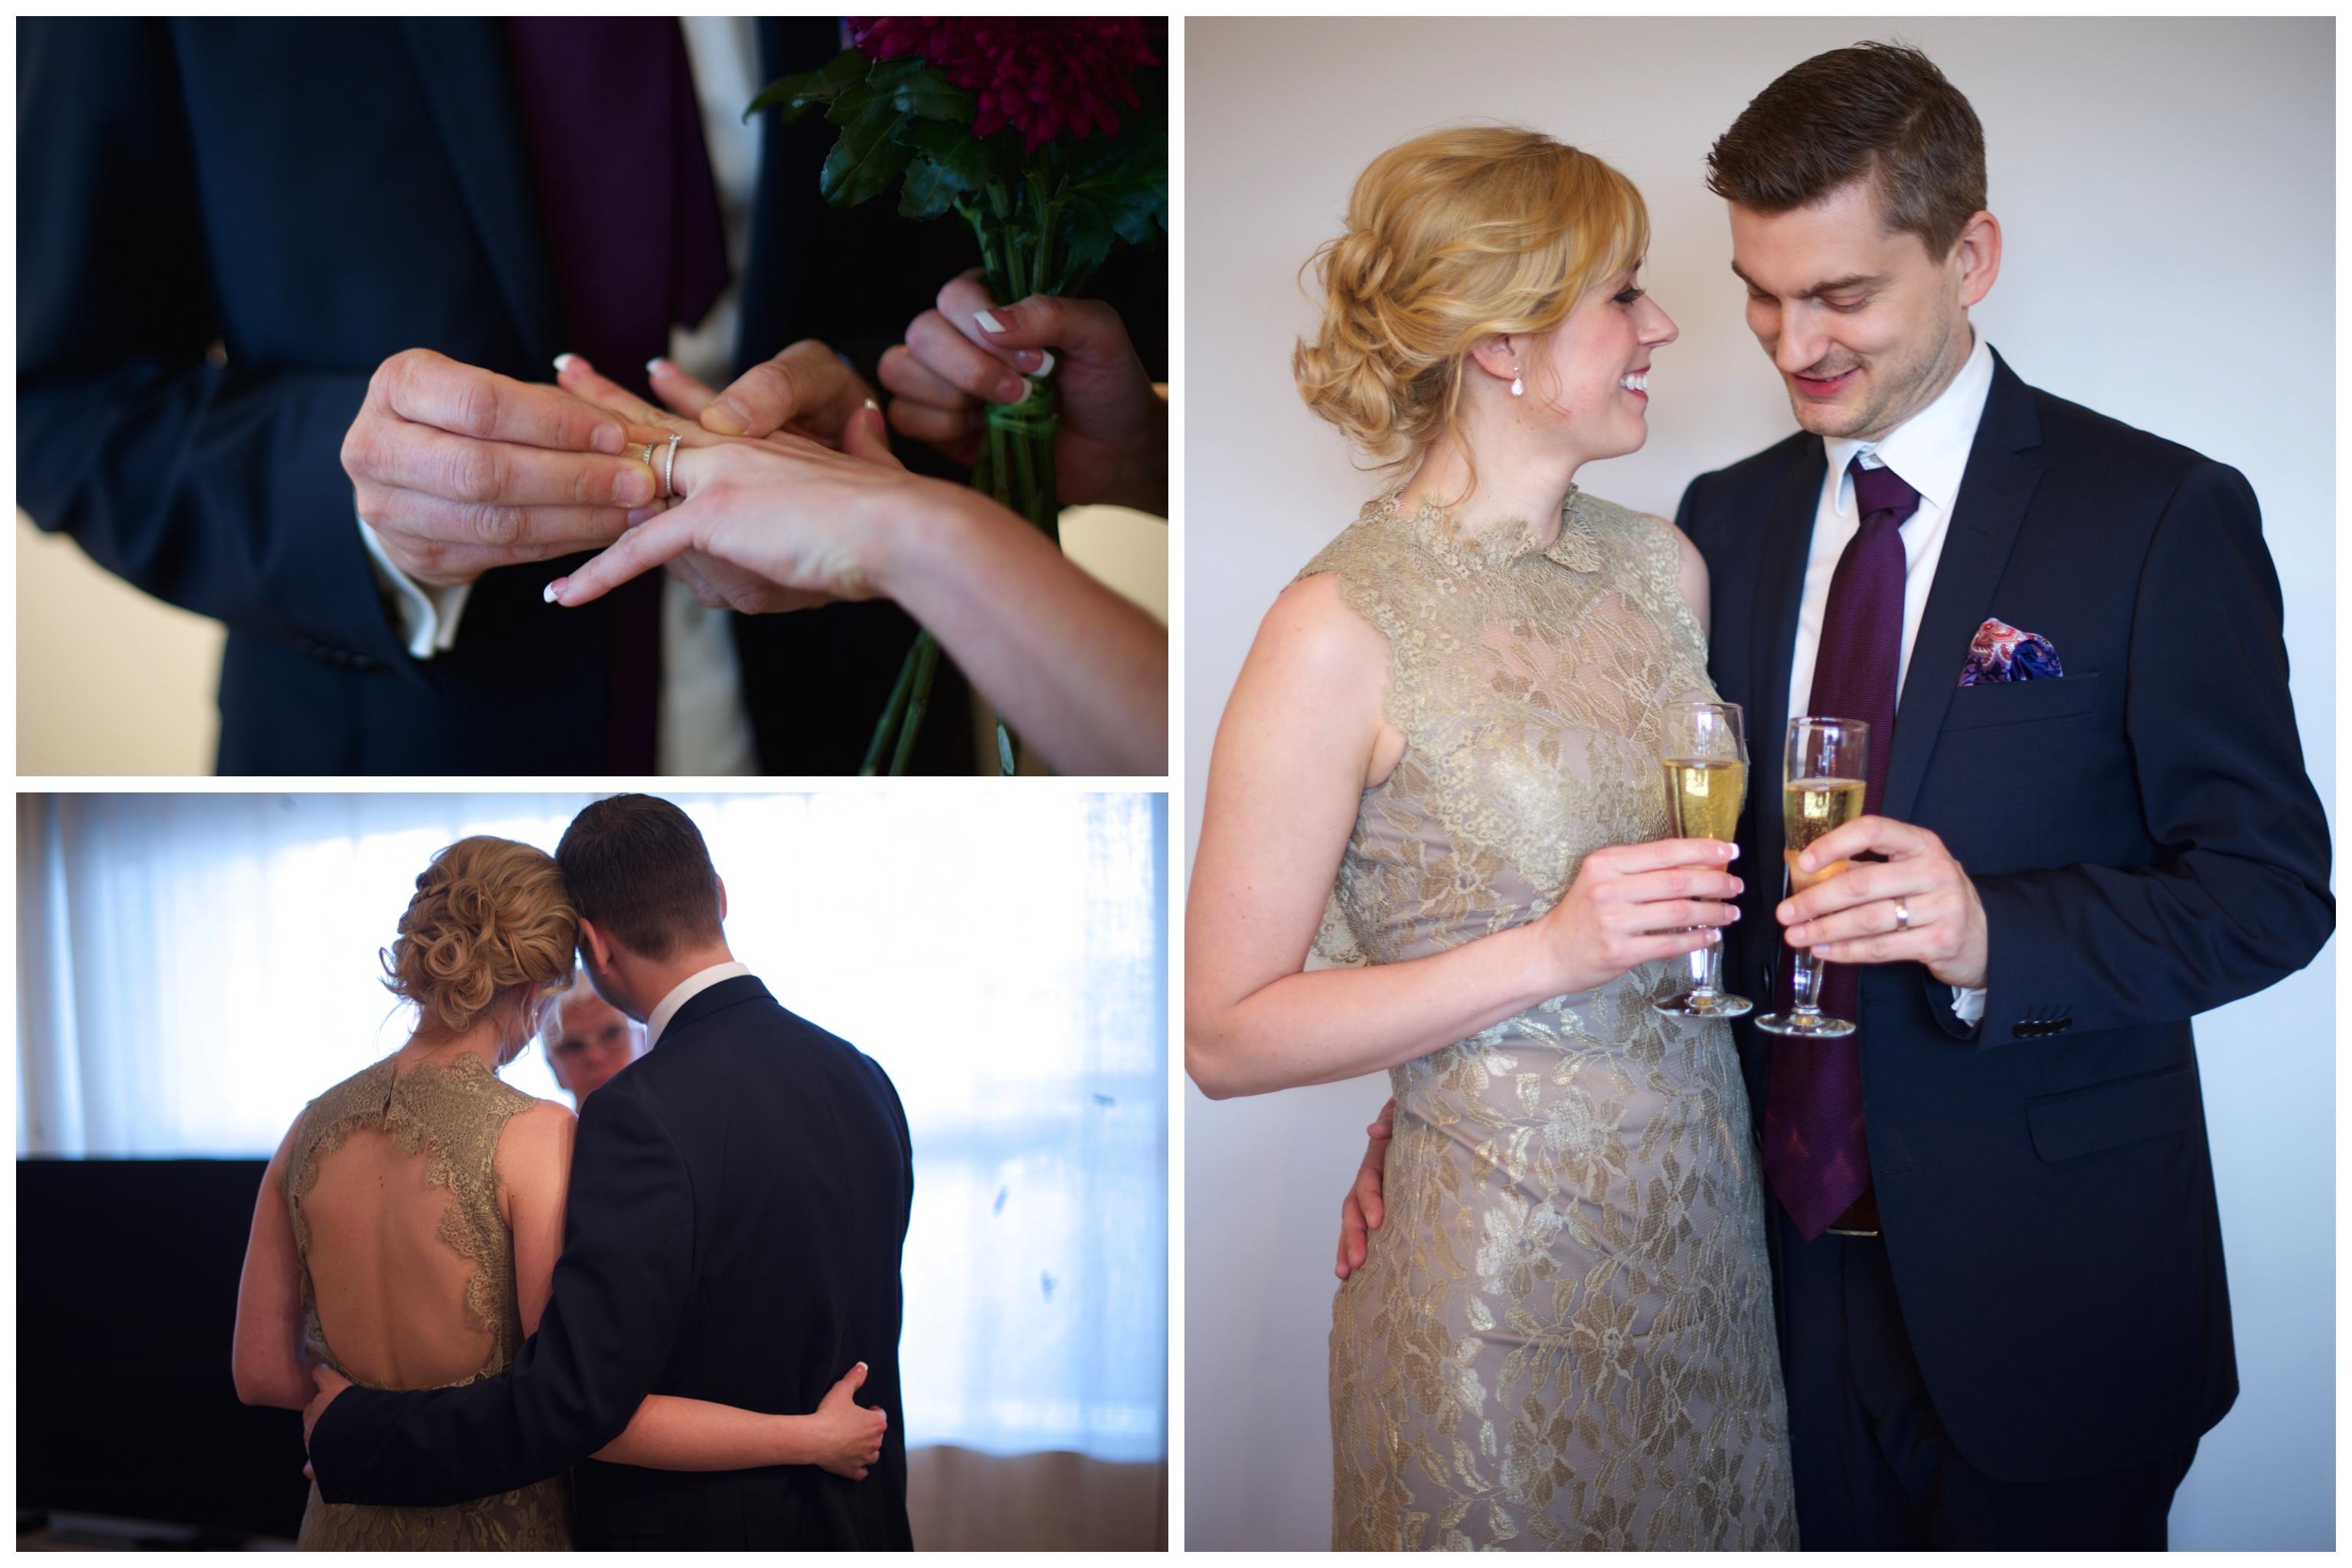 Personligt bröllop på Arlanda. Fotograf Erika Aminoff